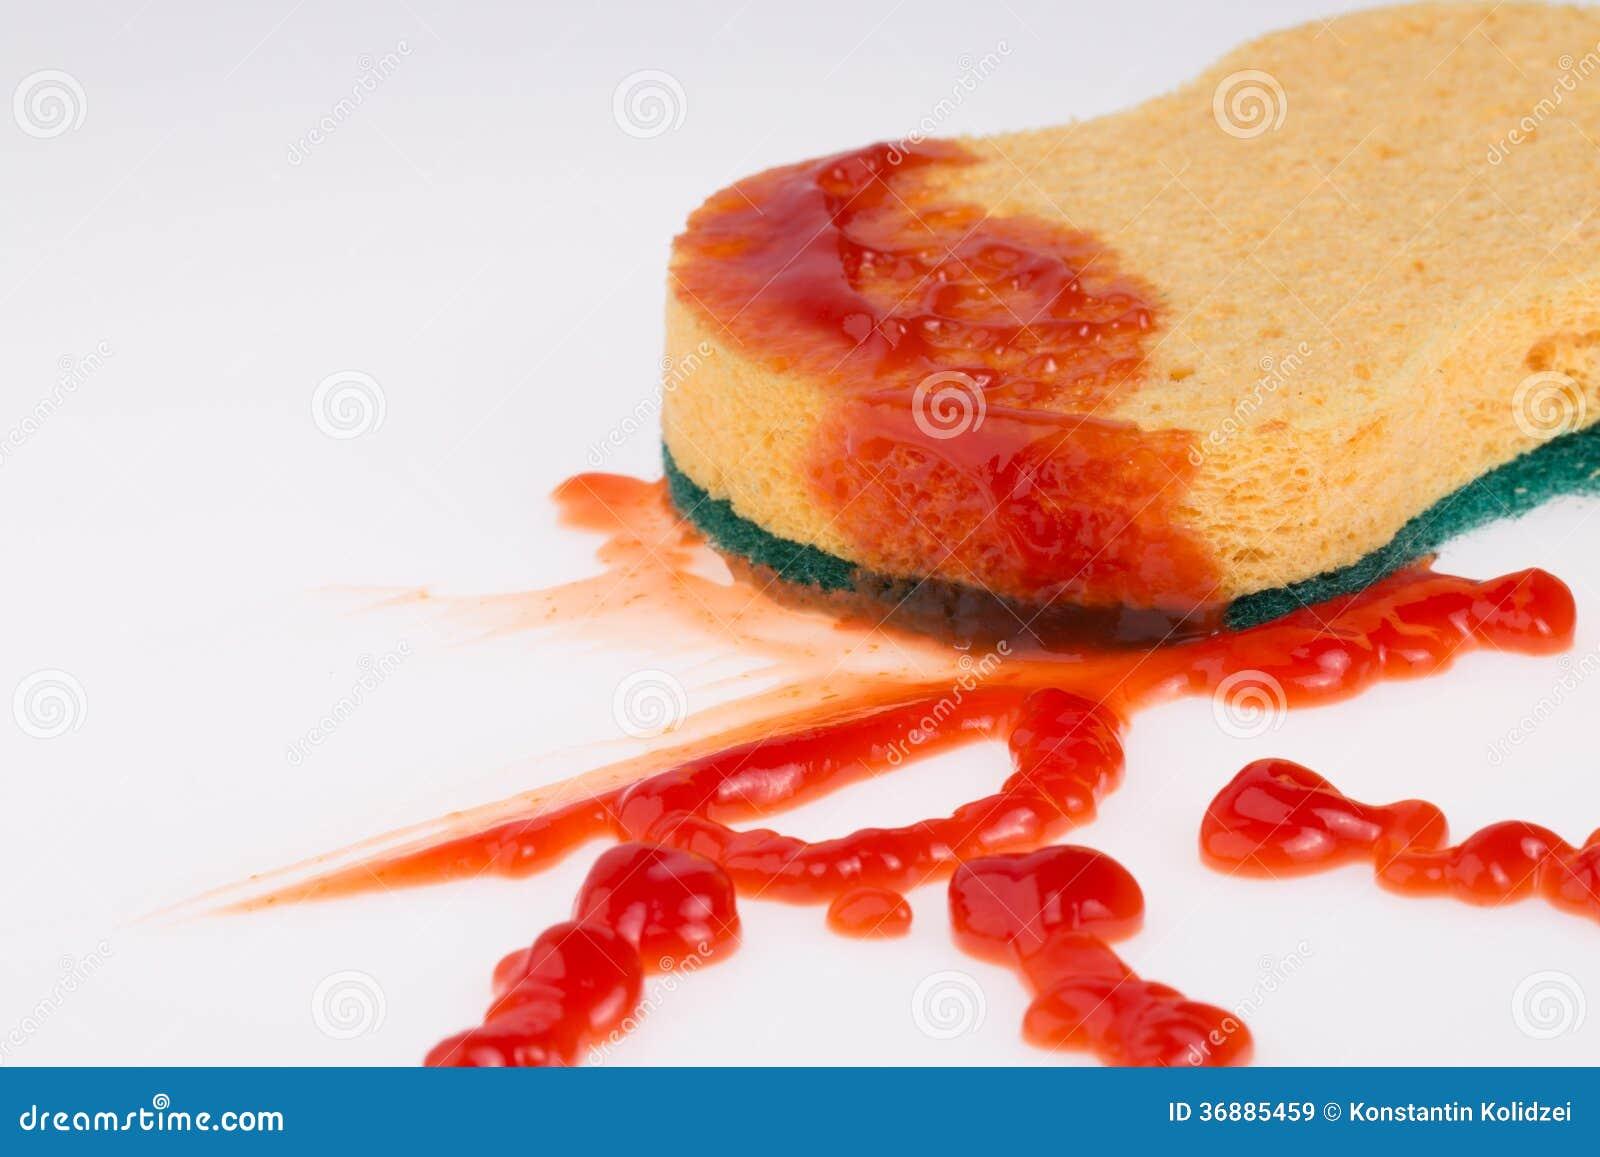 Download Macchia del ketchup immagine stock. Immagine di spezia - 36885459